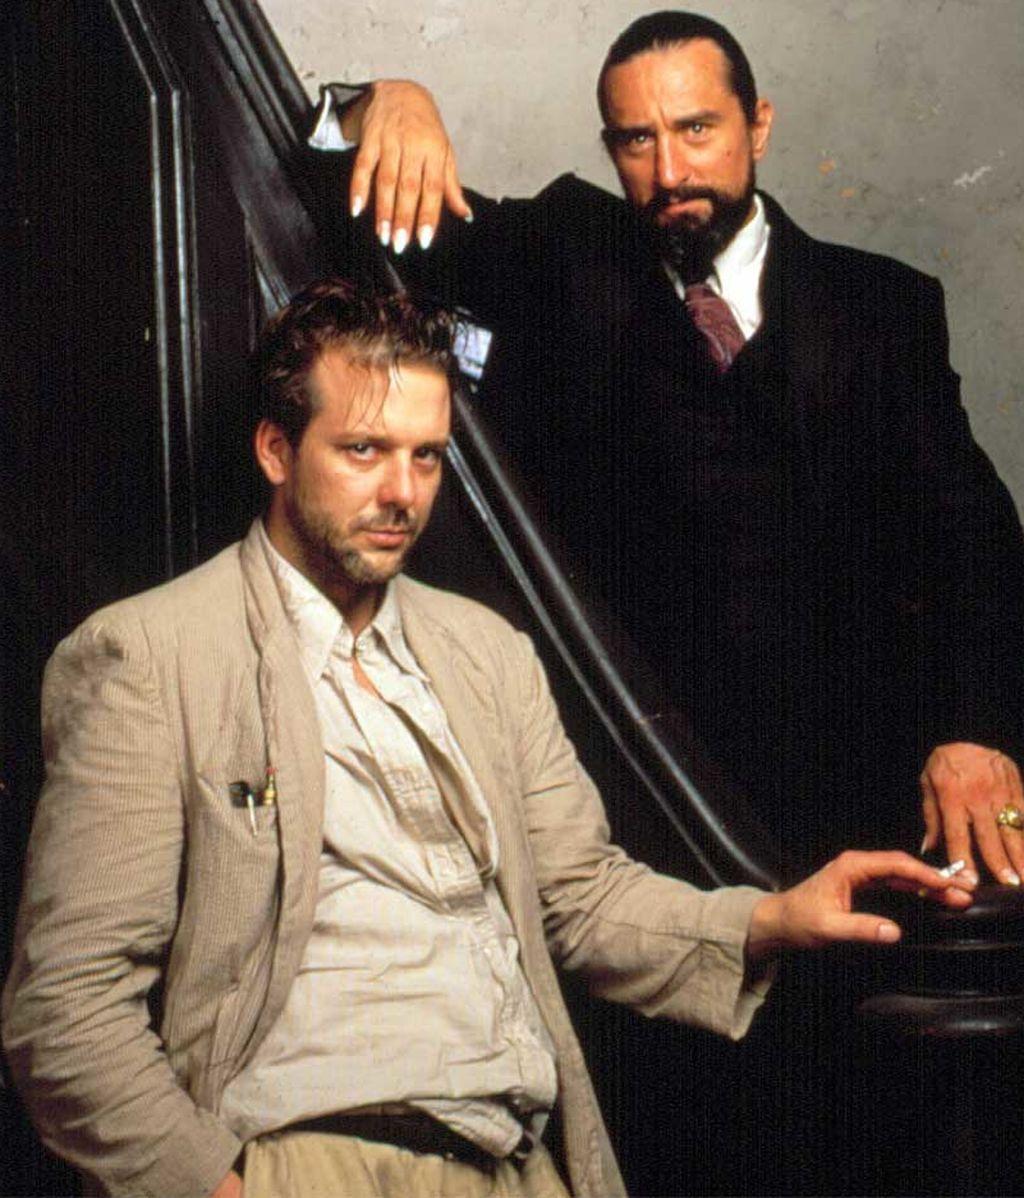 Mickey Rourke y Robert De Niro en 'El corazón del ángel' (1987)